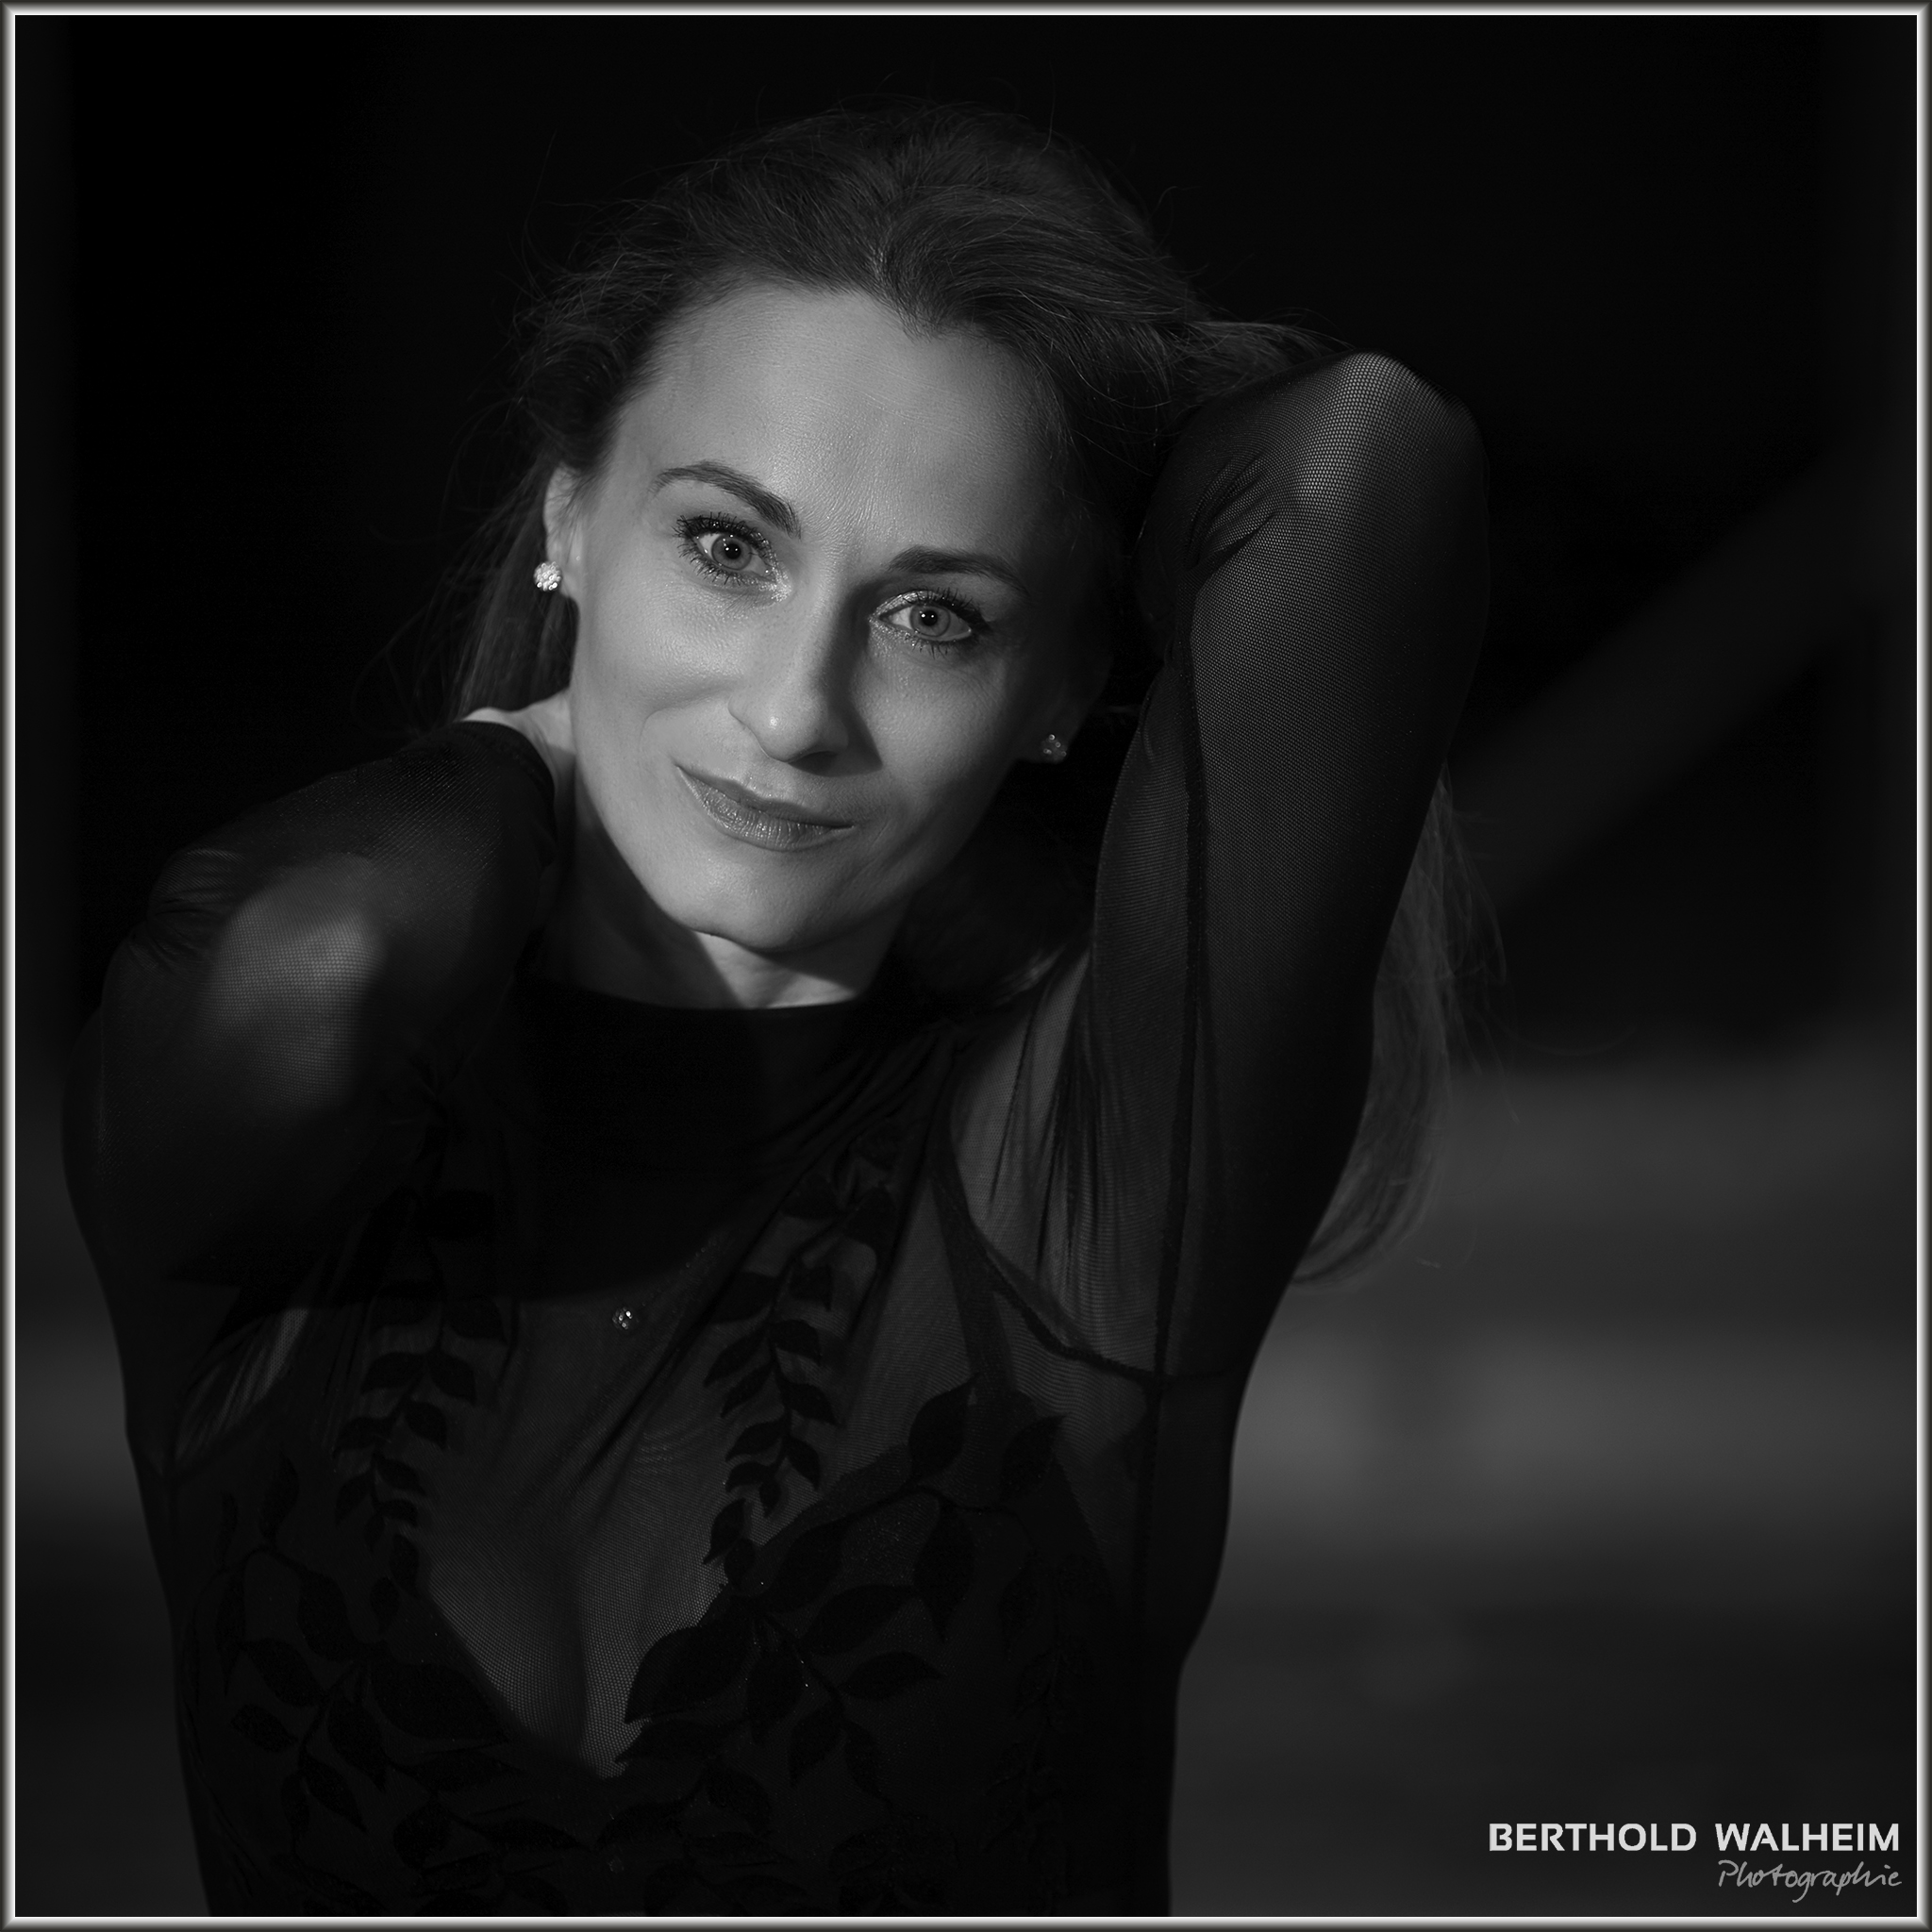 Alina black & white